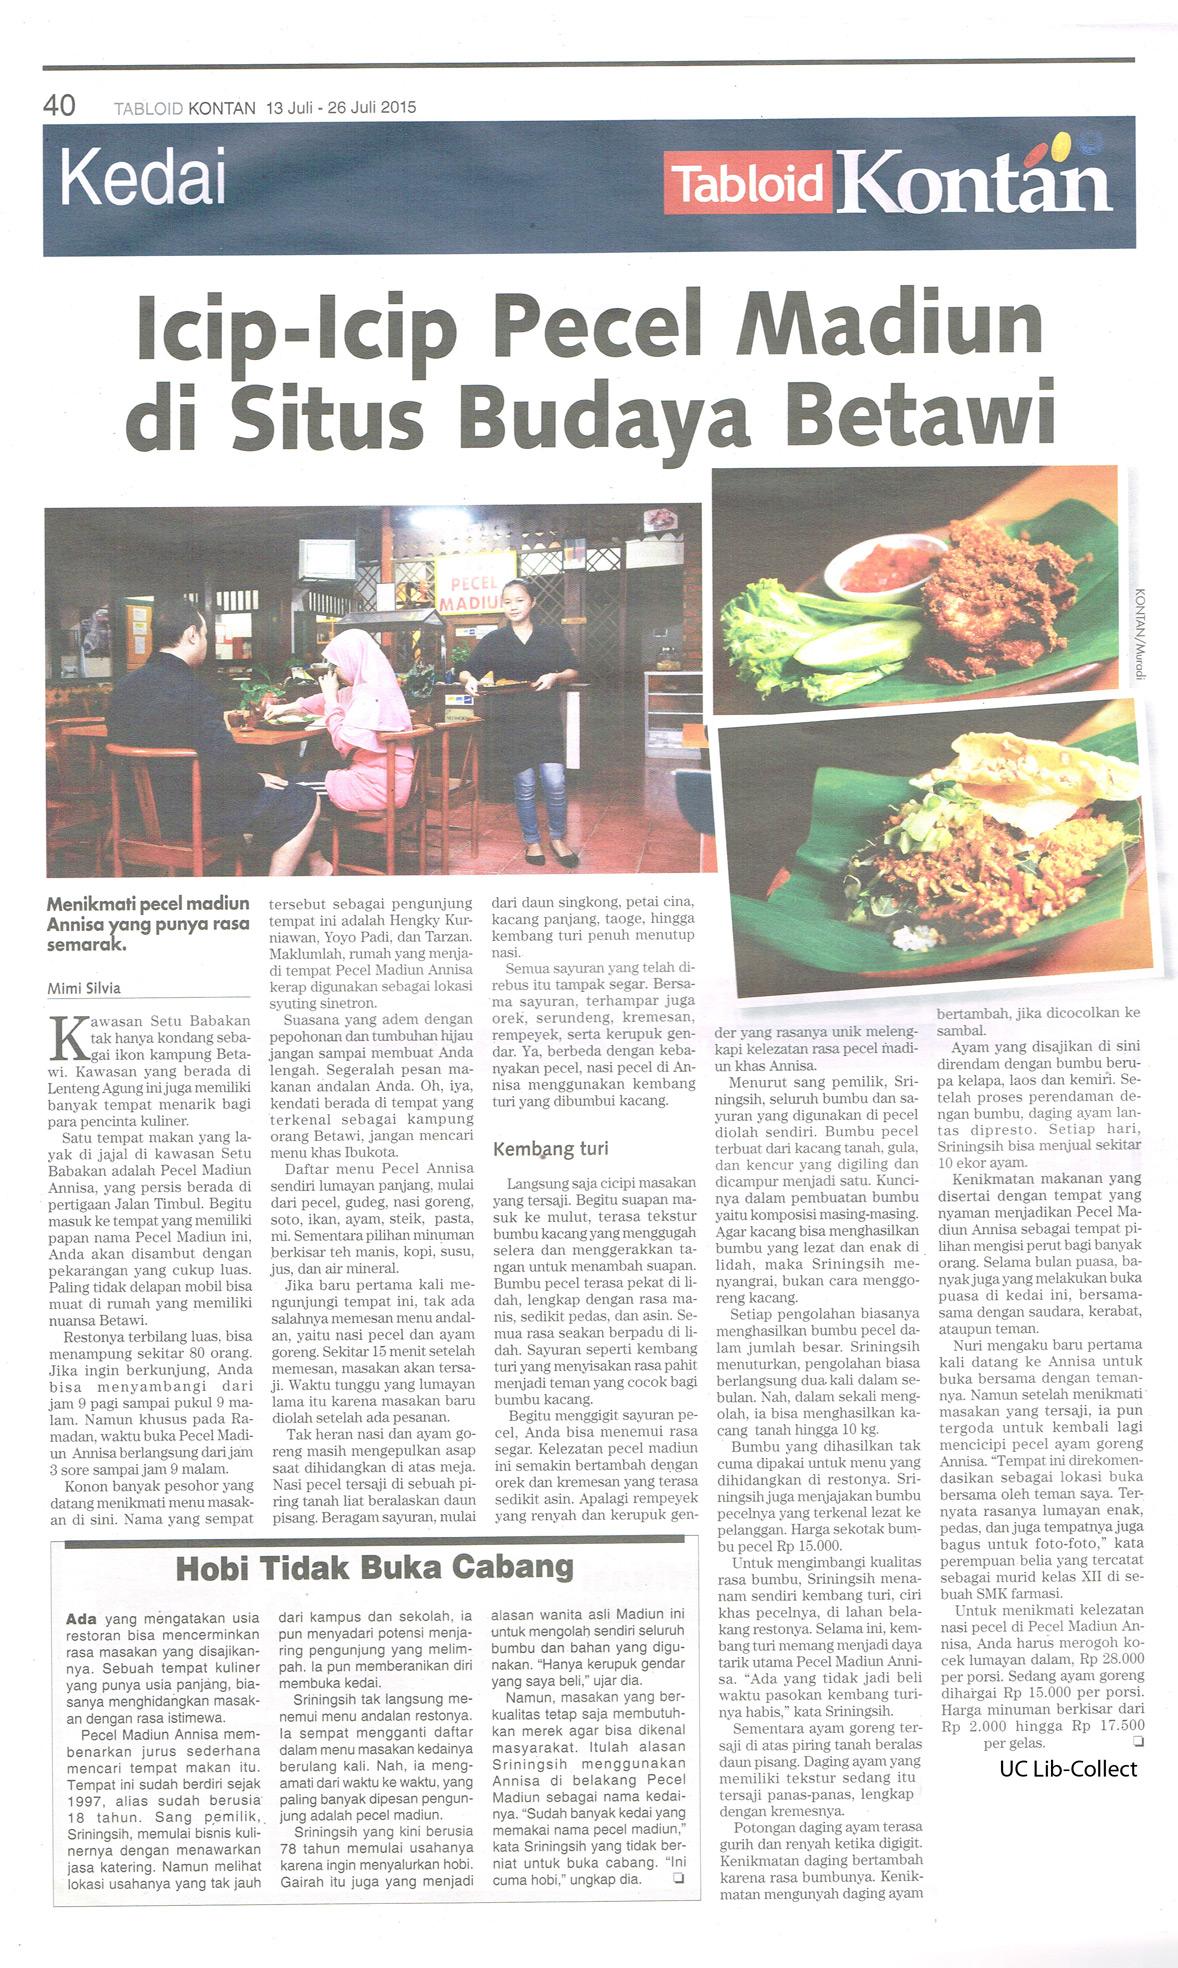 Icip-icip-Pecel-Madiun-di-Situs-Budaya-Betawi.-Tabloid-Kontan.-13-Juli-26-Juli-2015.Hal.40